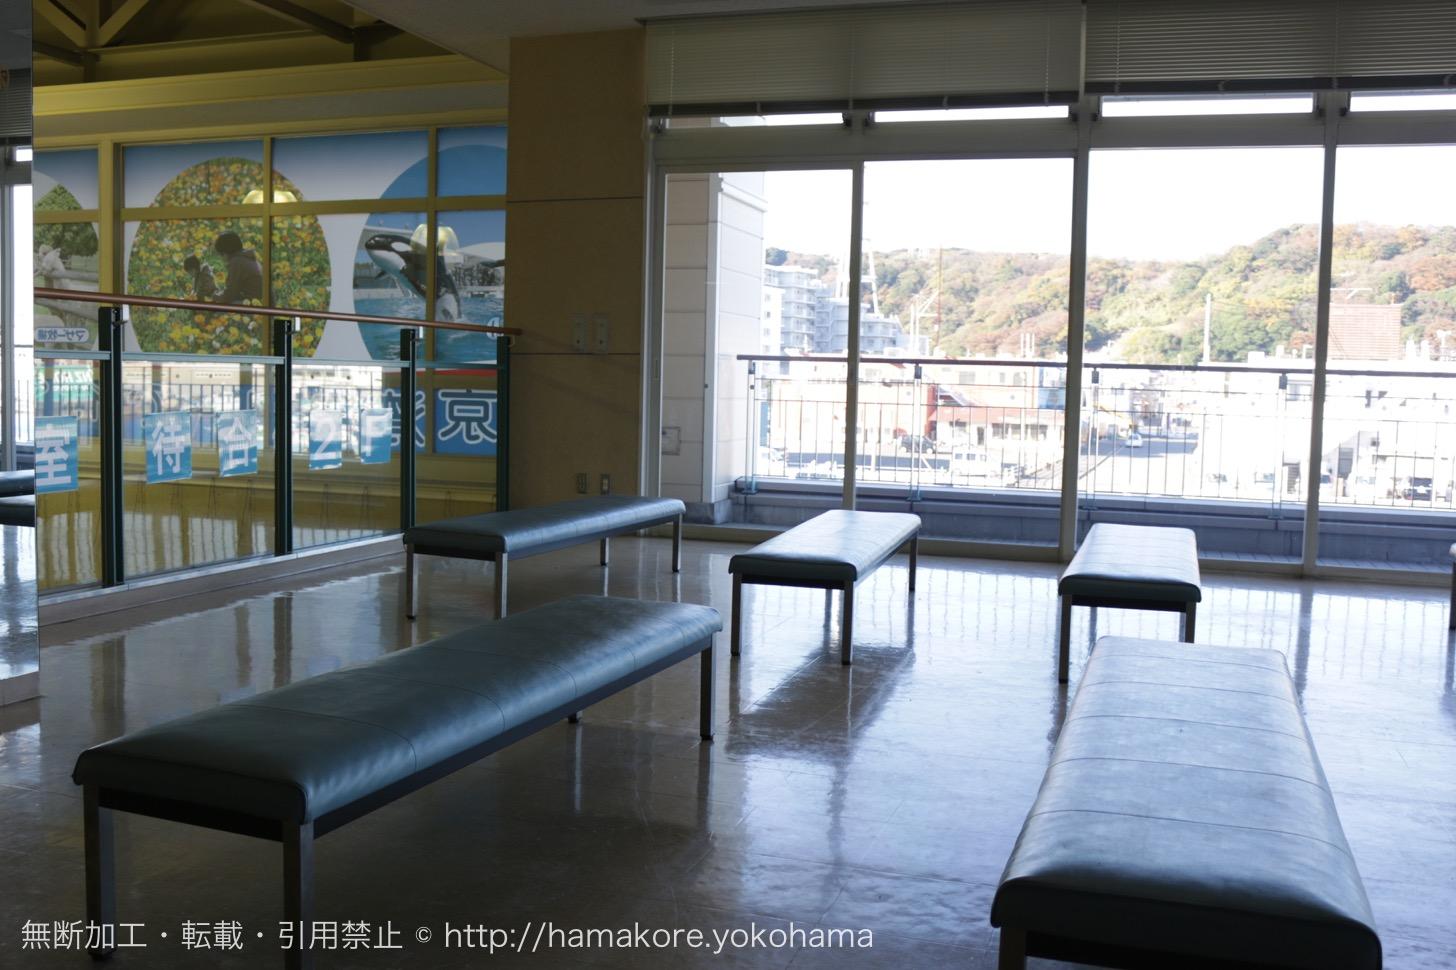 東京湾フェリー 2階の待合室